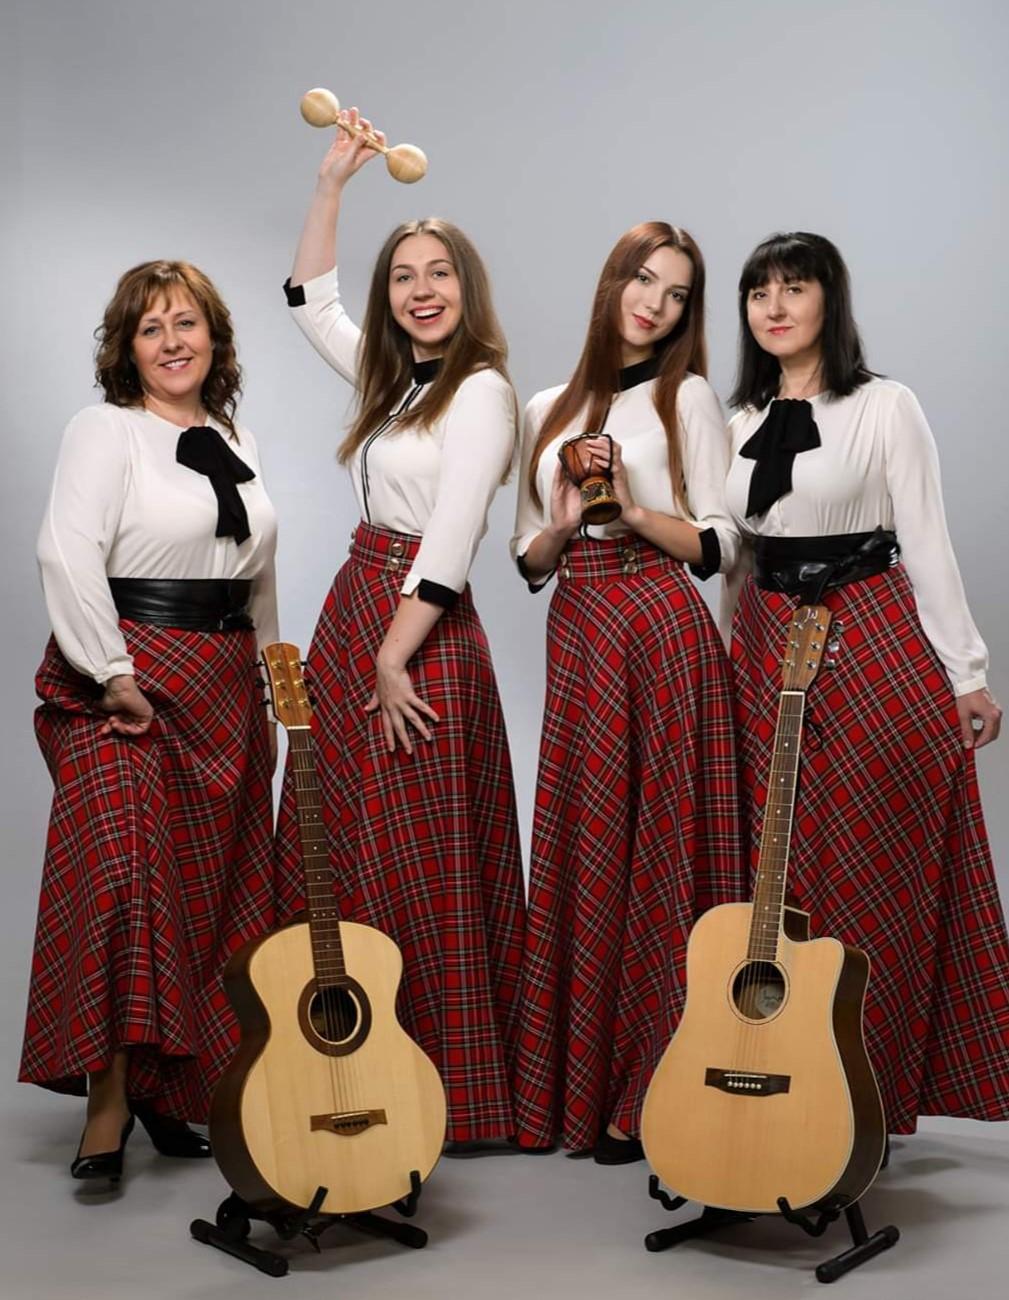 Geriausiu vokaliniu ansambliu pripažintas Šakių rajono Gotlybiškių kaimo mamų ir dukrų kvartetas | Rengėjų nuotr.